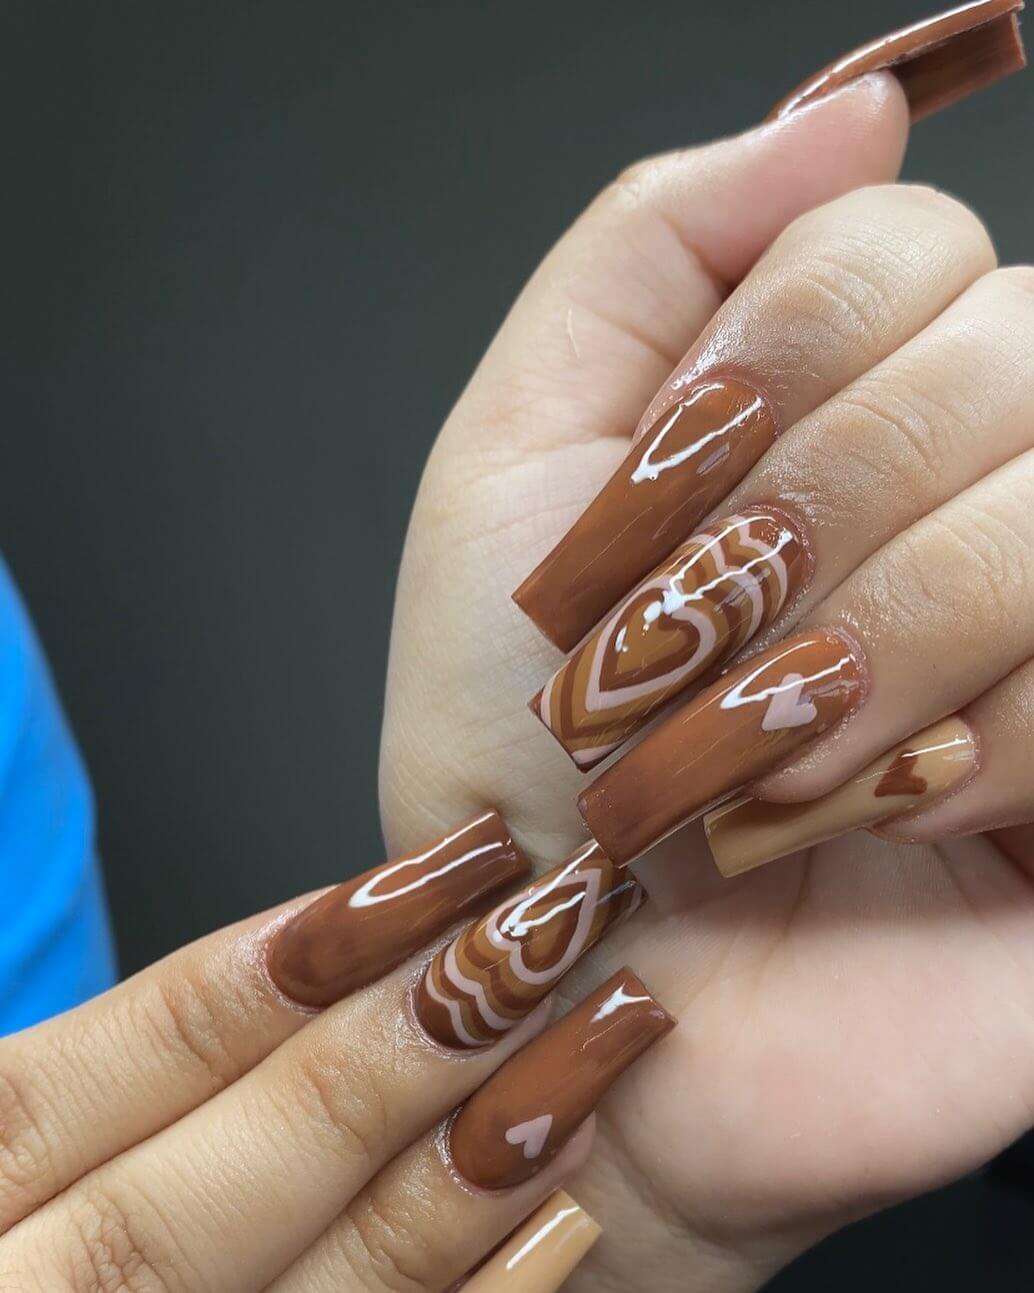 OMG! chocolate brown is so seducing